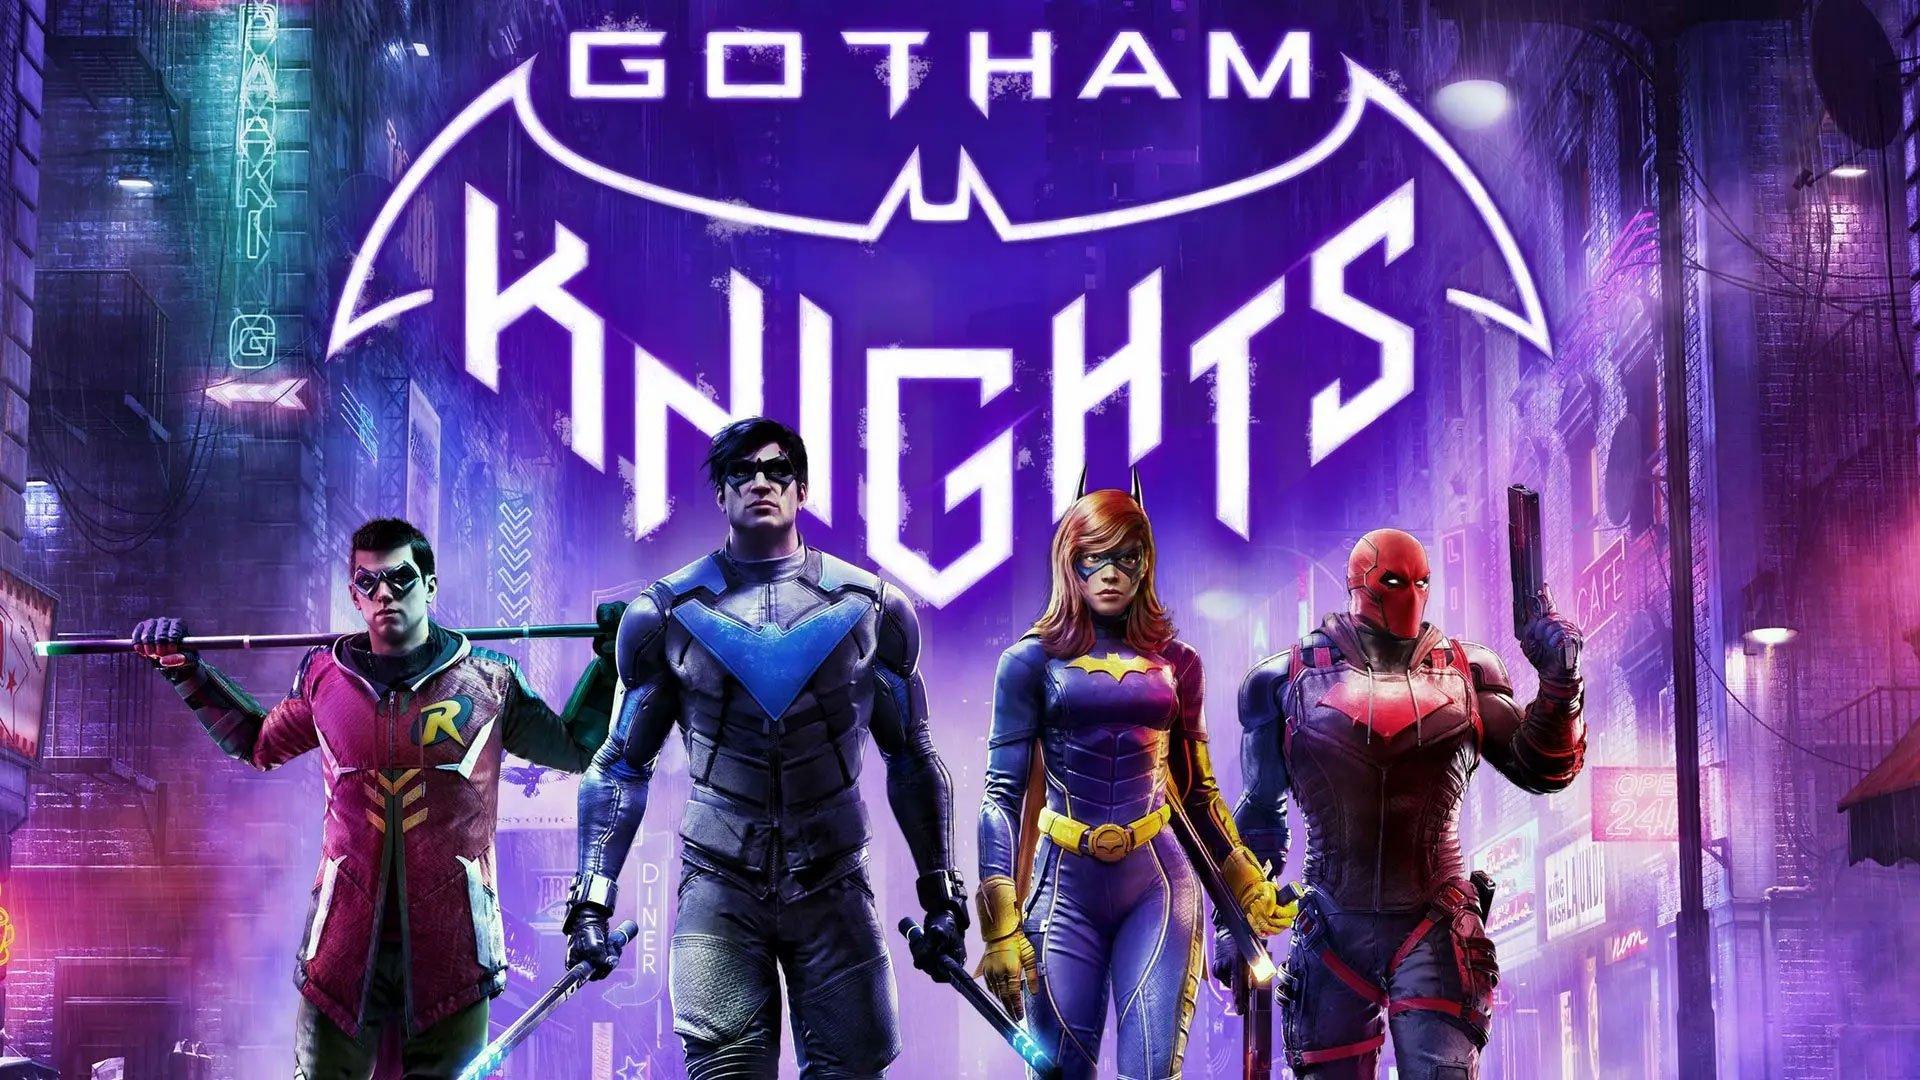 در جریان رویداد DC Fandome تریلر جدید بازی Gotham Knights به نمایش درآمد